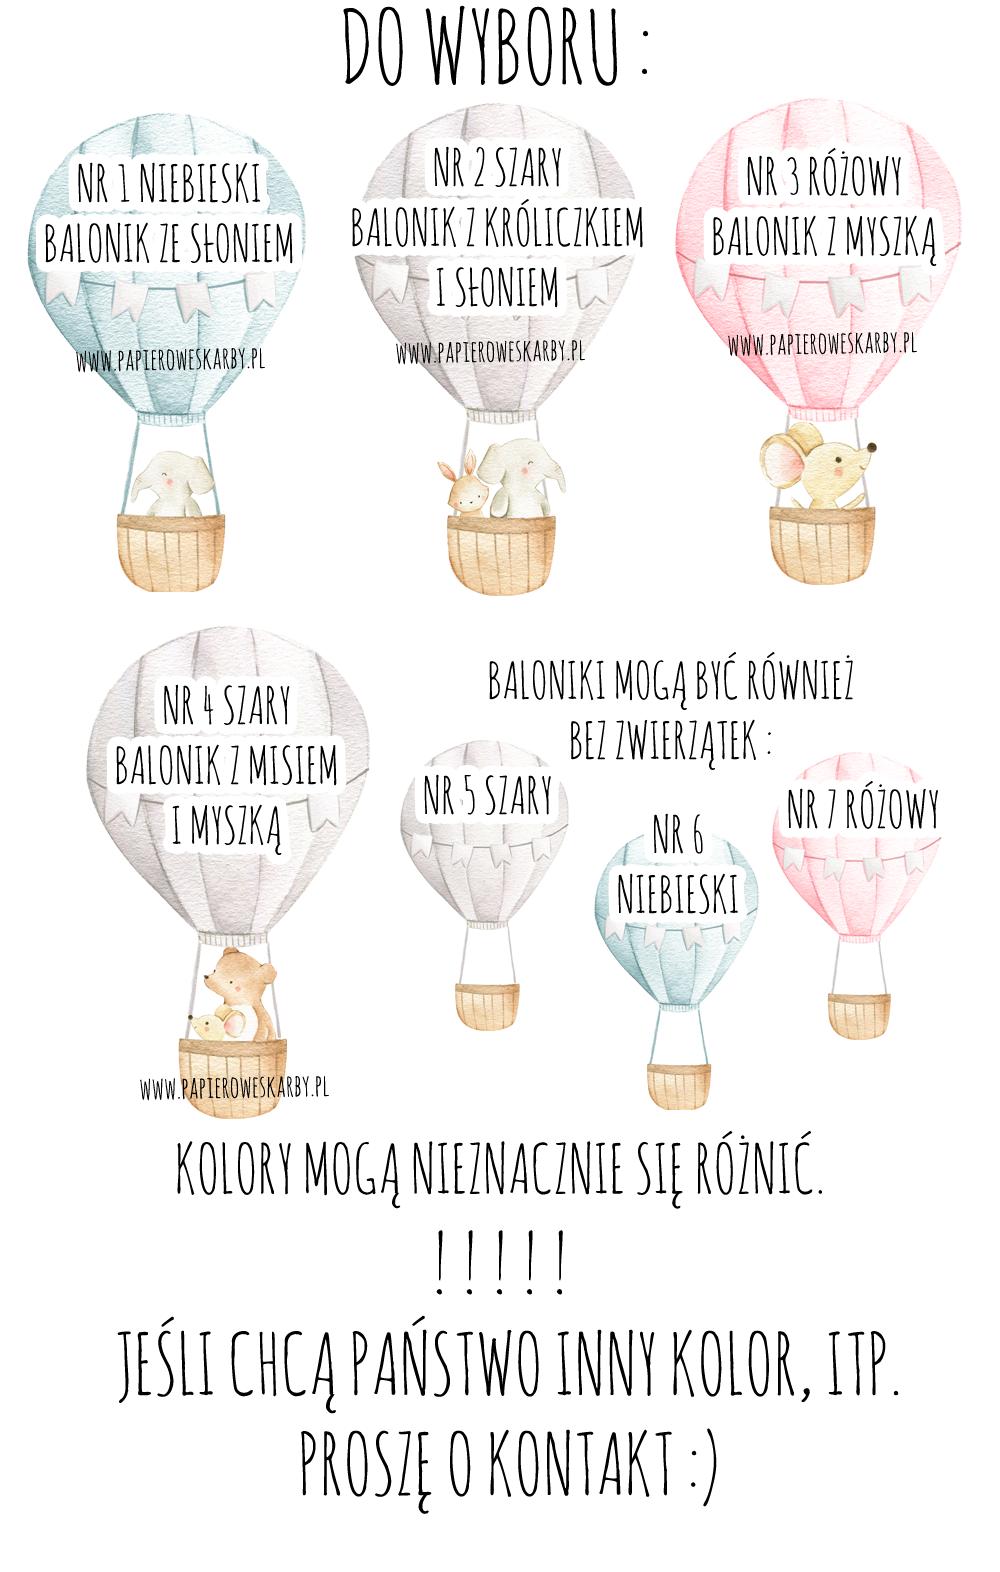 scrapbooking rękodzieło handmade metryczka metryka ręcznie robiona wykonana dla dziecka z danymi data godzina wzrost waga imię miejsce urodzenia papierowe skarby obrazek obraz 3d witrynka dla chłopczyka akwarele akwarelowa pastelowa ze zwierzątkiem ze zwierzakami z balonikiem balonik balloon balloons ręcznie robiona wykonana